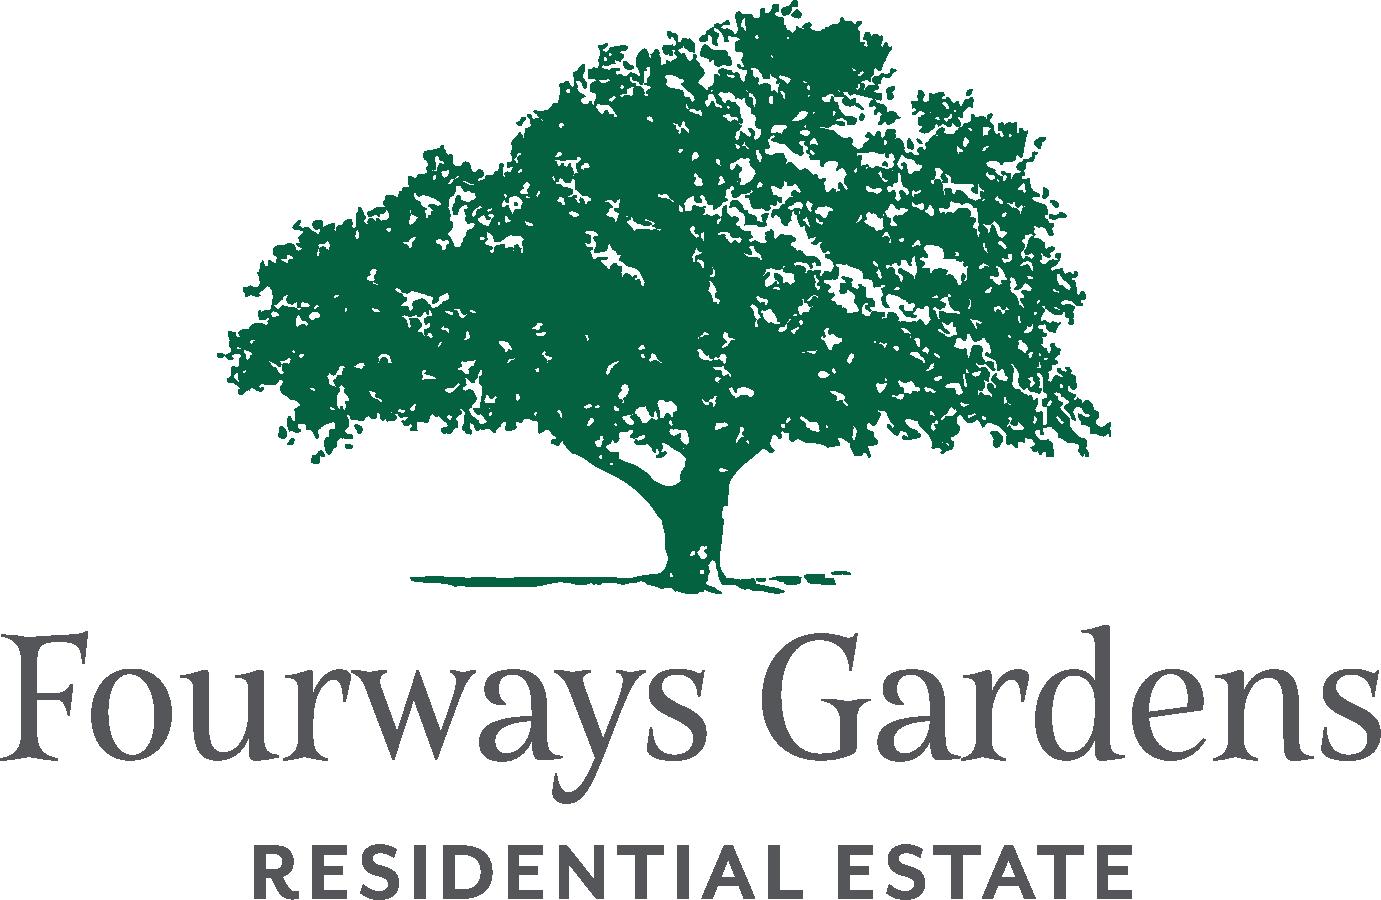 Fourways Gardens